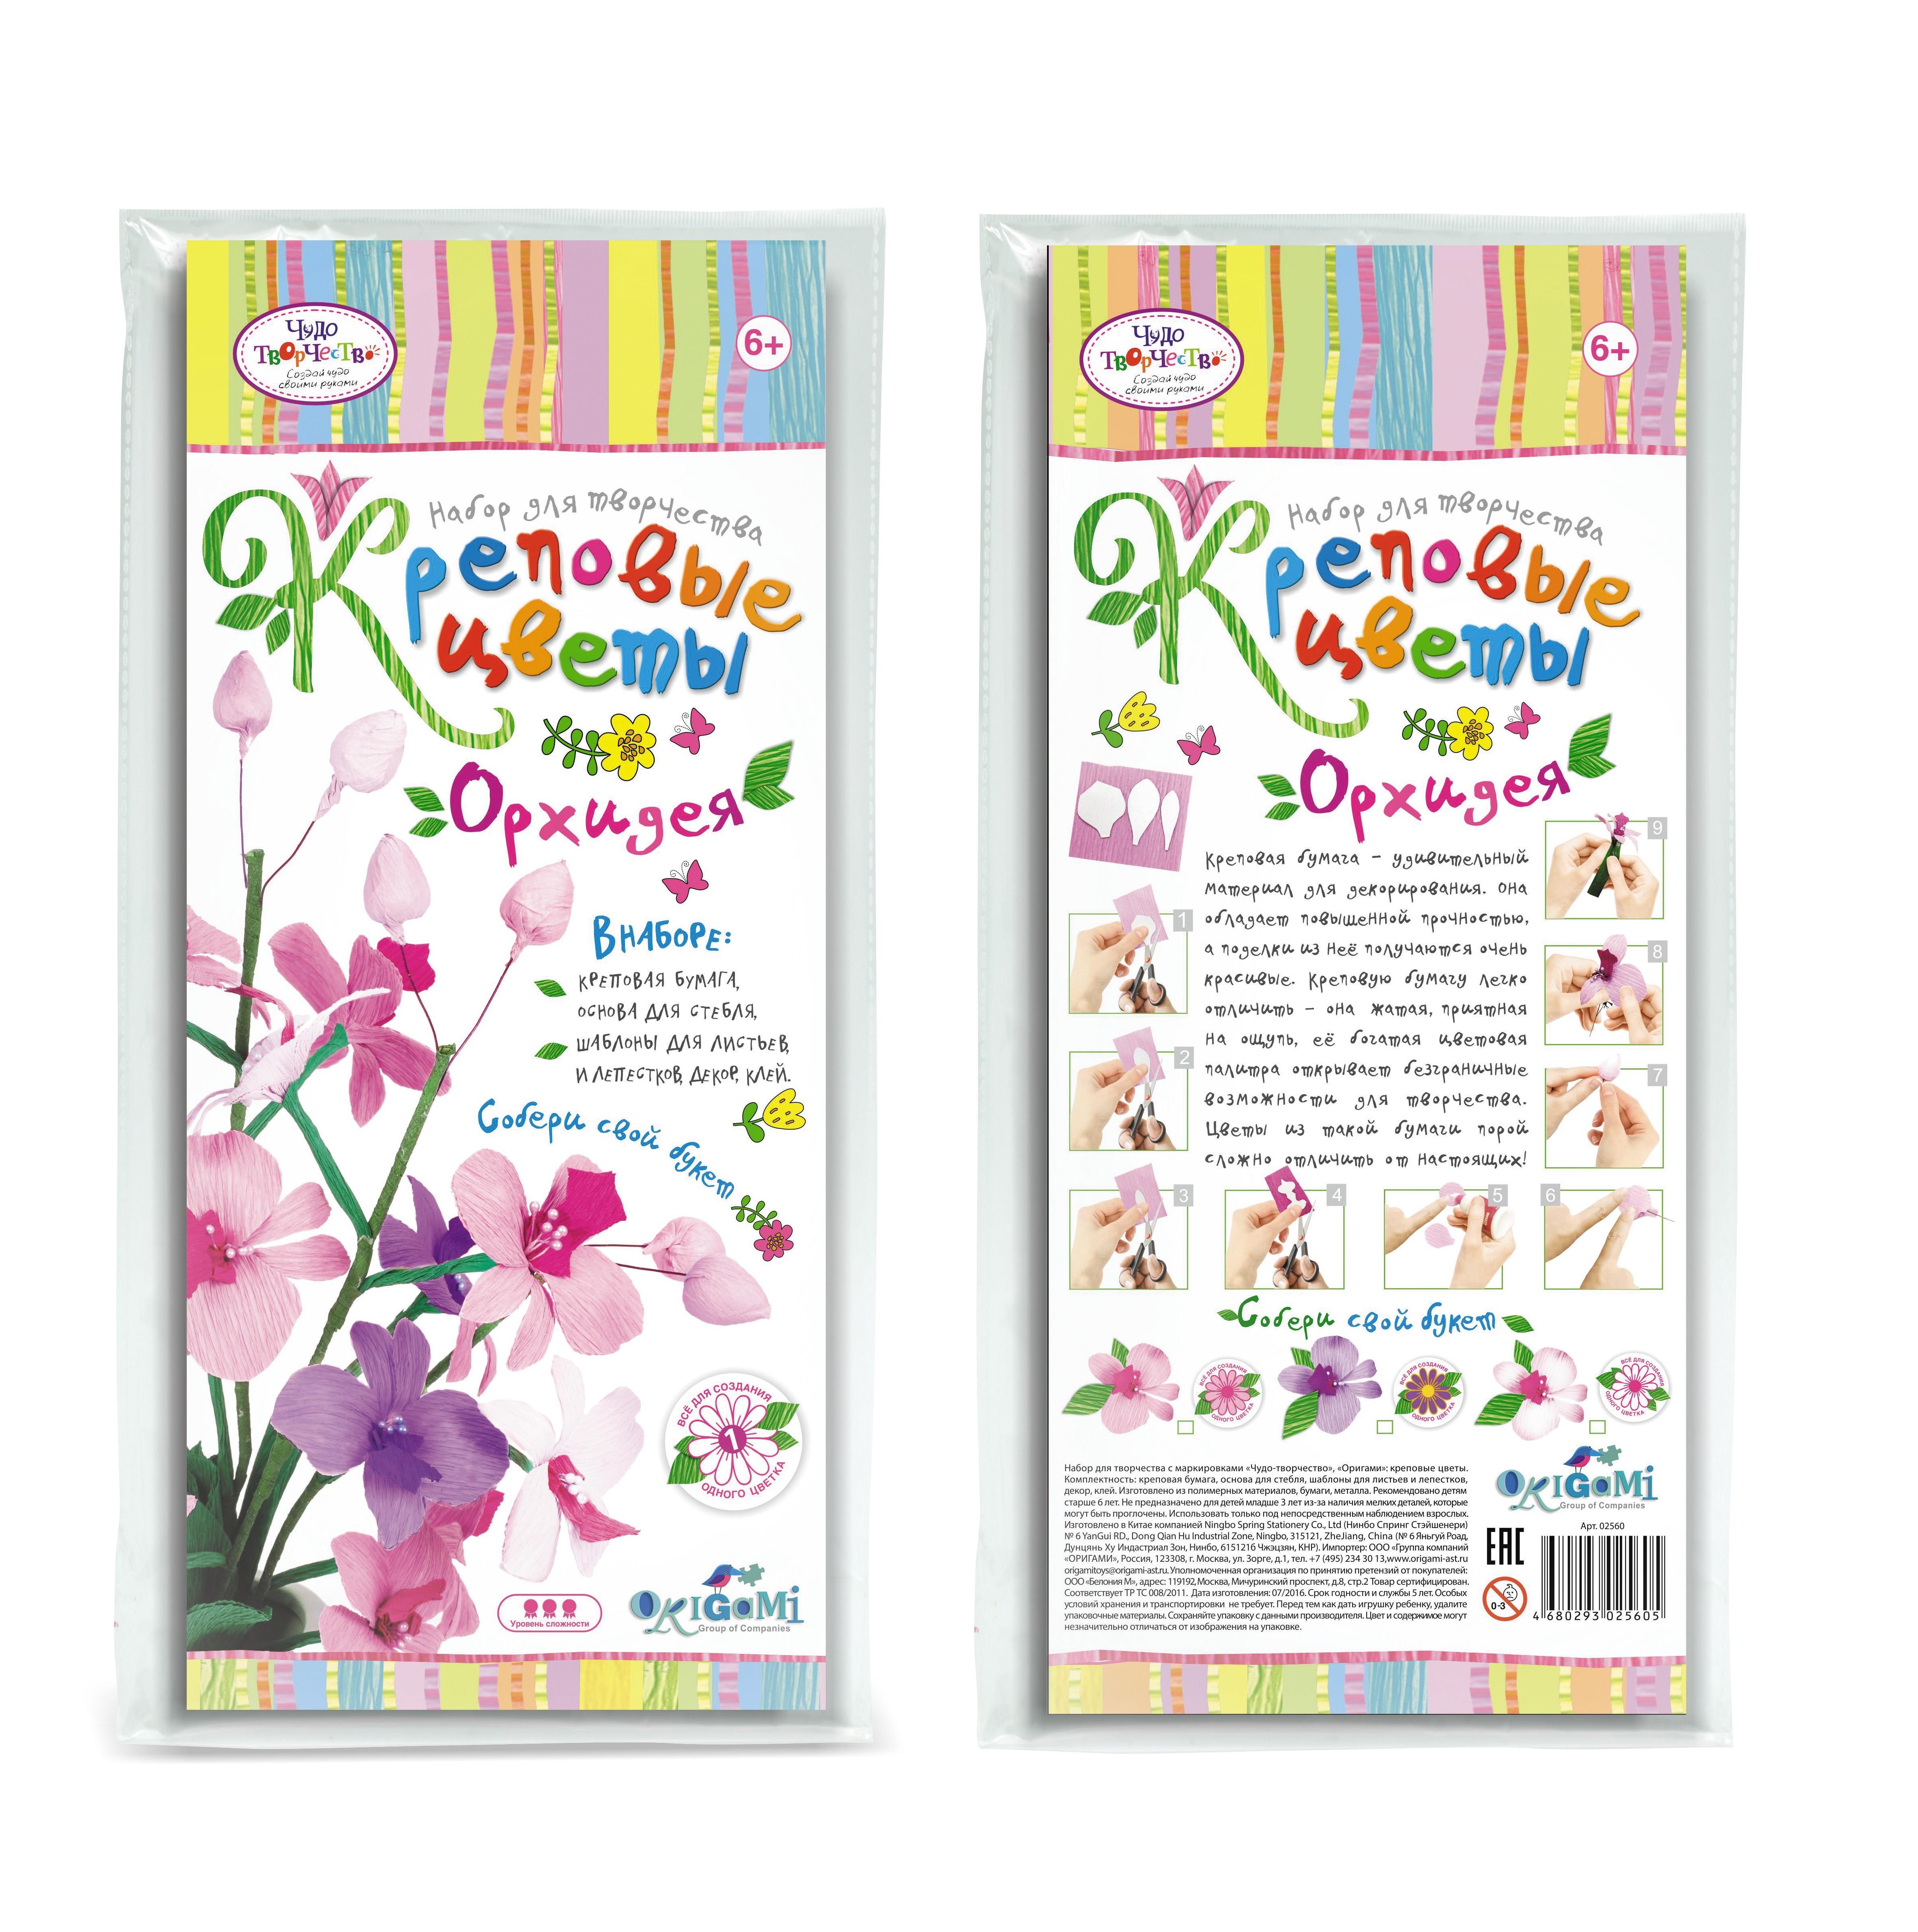 Набор для творчества Origami Креповые цветы Орхидея чудо творчество креповые цветы своими руками орхидея 3 цвета в ассорт арт 02560